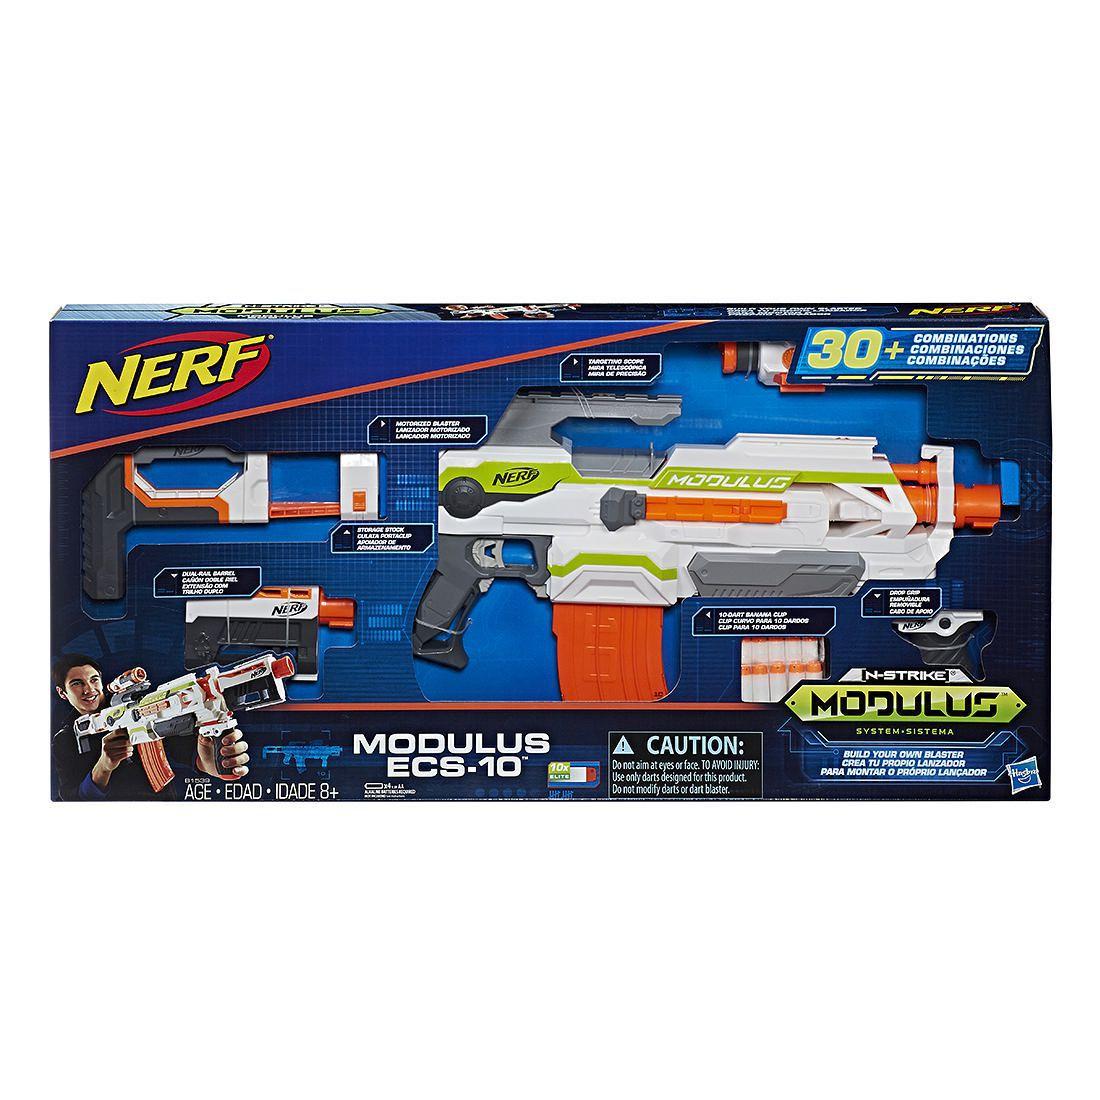 Nerf N-Strike Modulus Blaster ECS-10-Hasbro-B1539